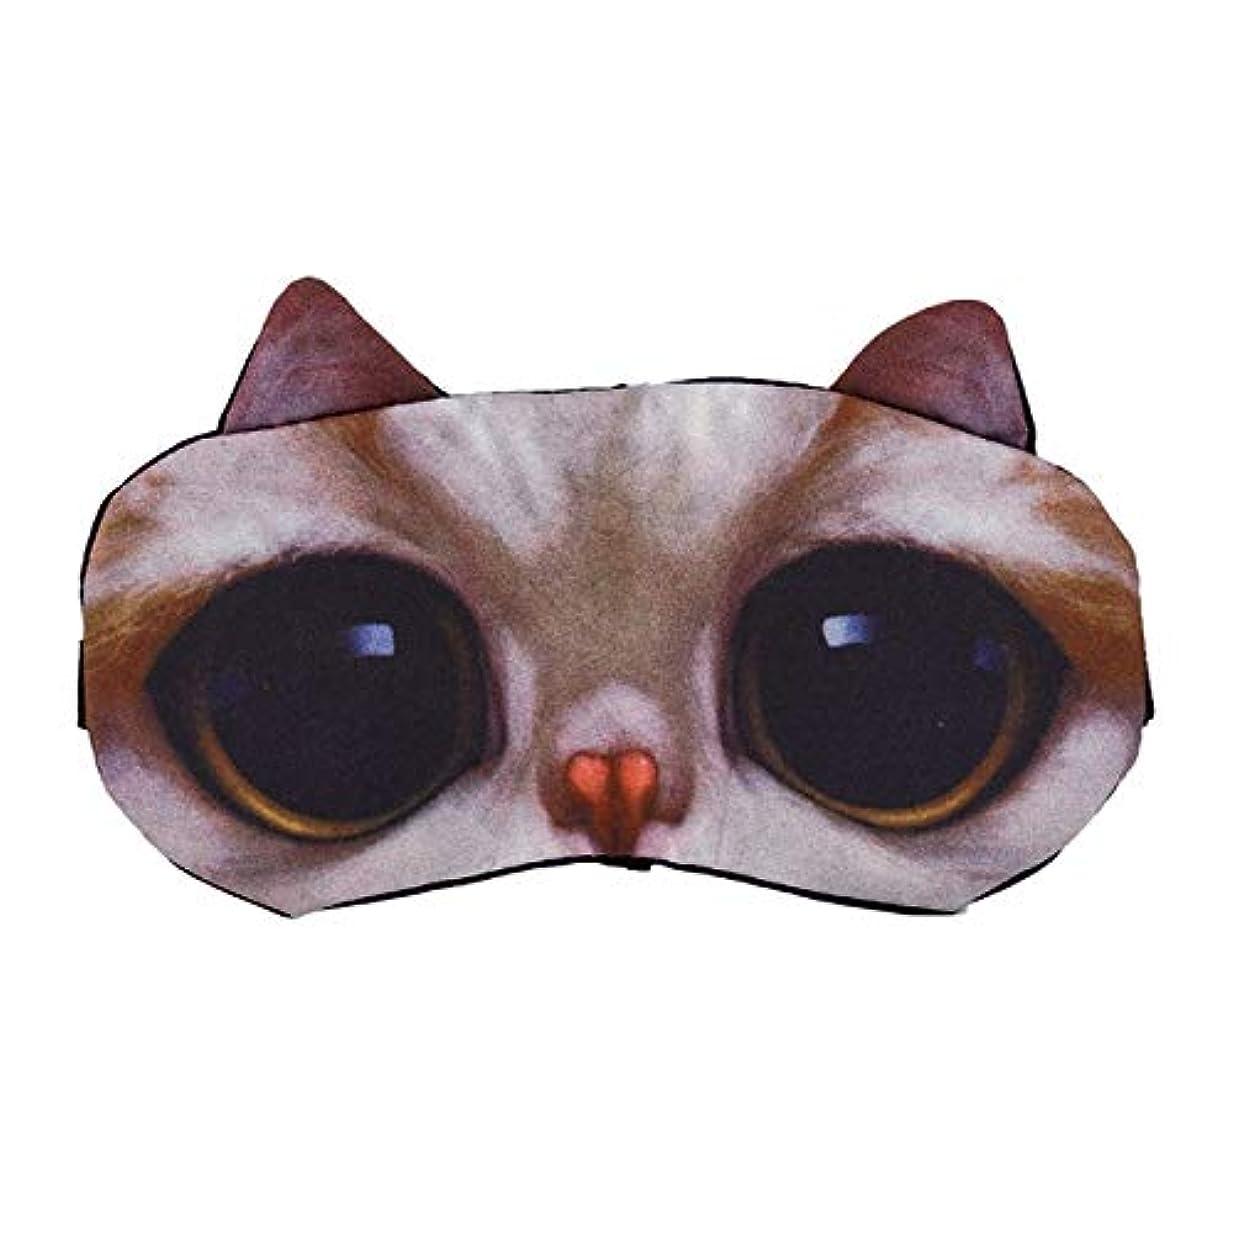 製造業請求可能海里NOTE 漫画の動物3dアイシェードユニセックスコットンアイマスク通気性アイカバー軽量睡眠マスク用オフィス列車昼寝面白いギフト0